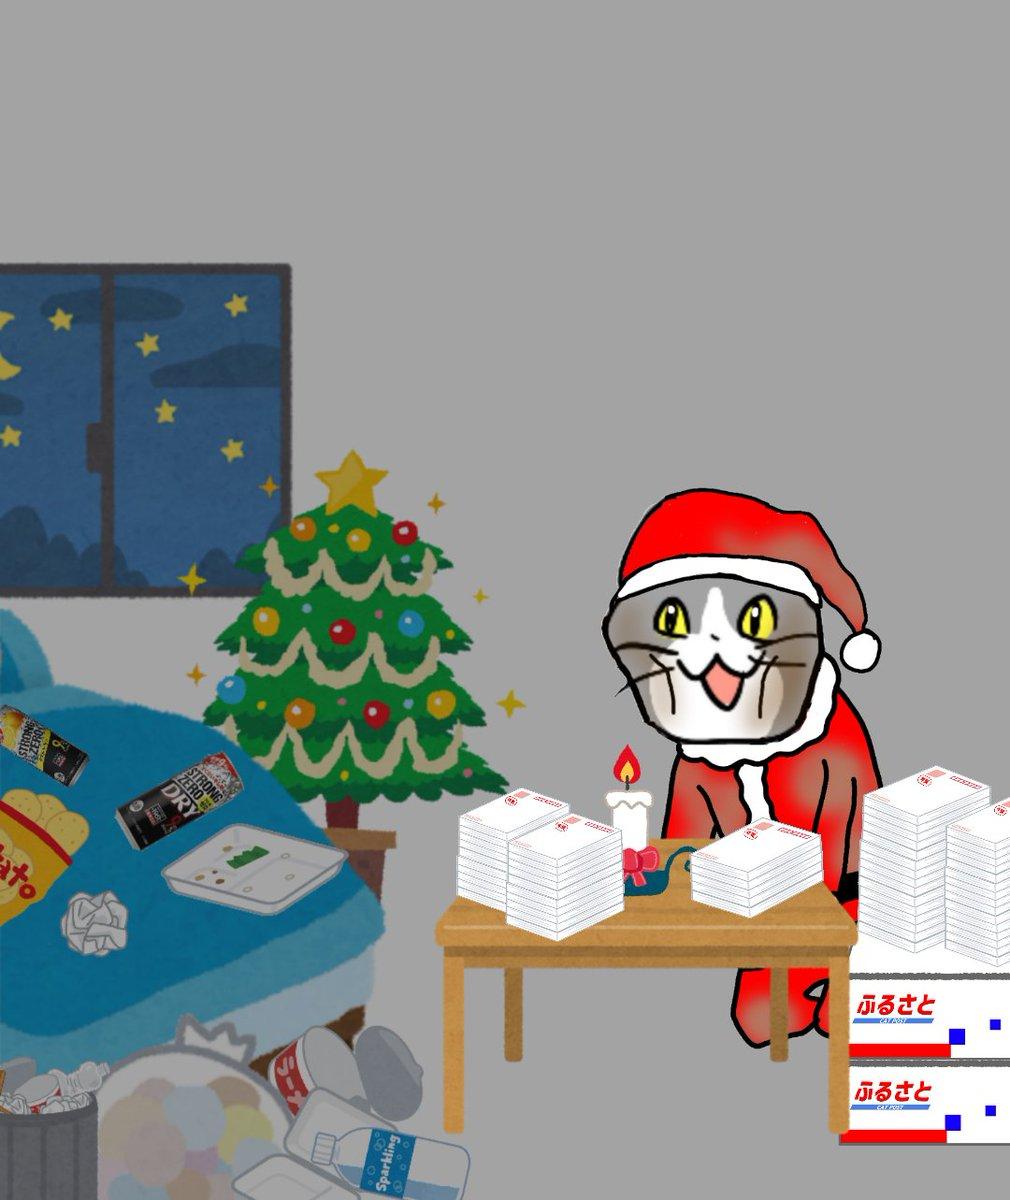 現場猫さんの元にもクリスマスがやってきた…でも全然楽しそうじゃない…!